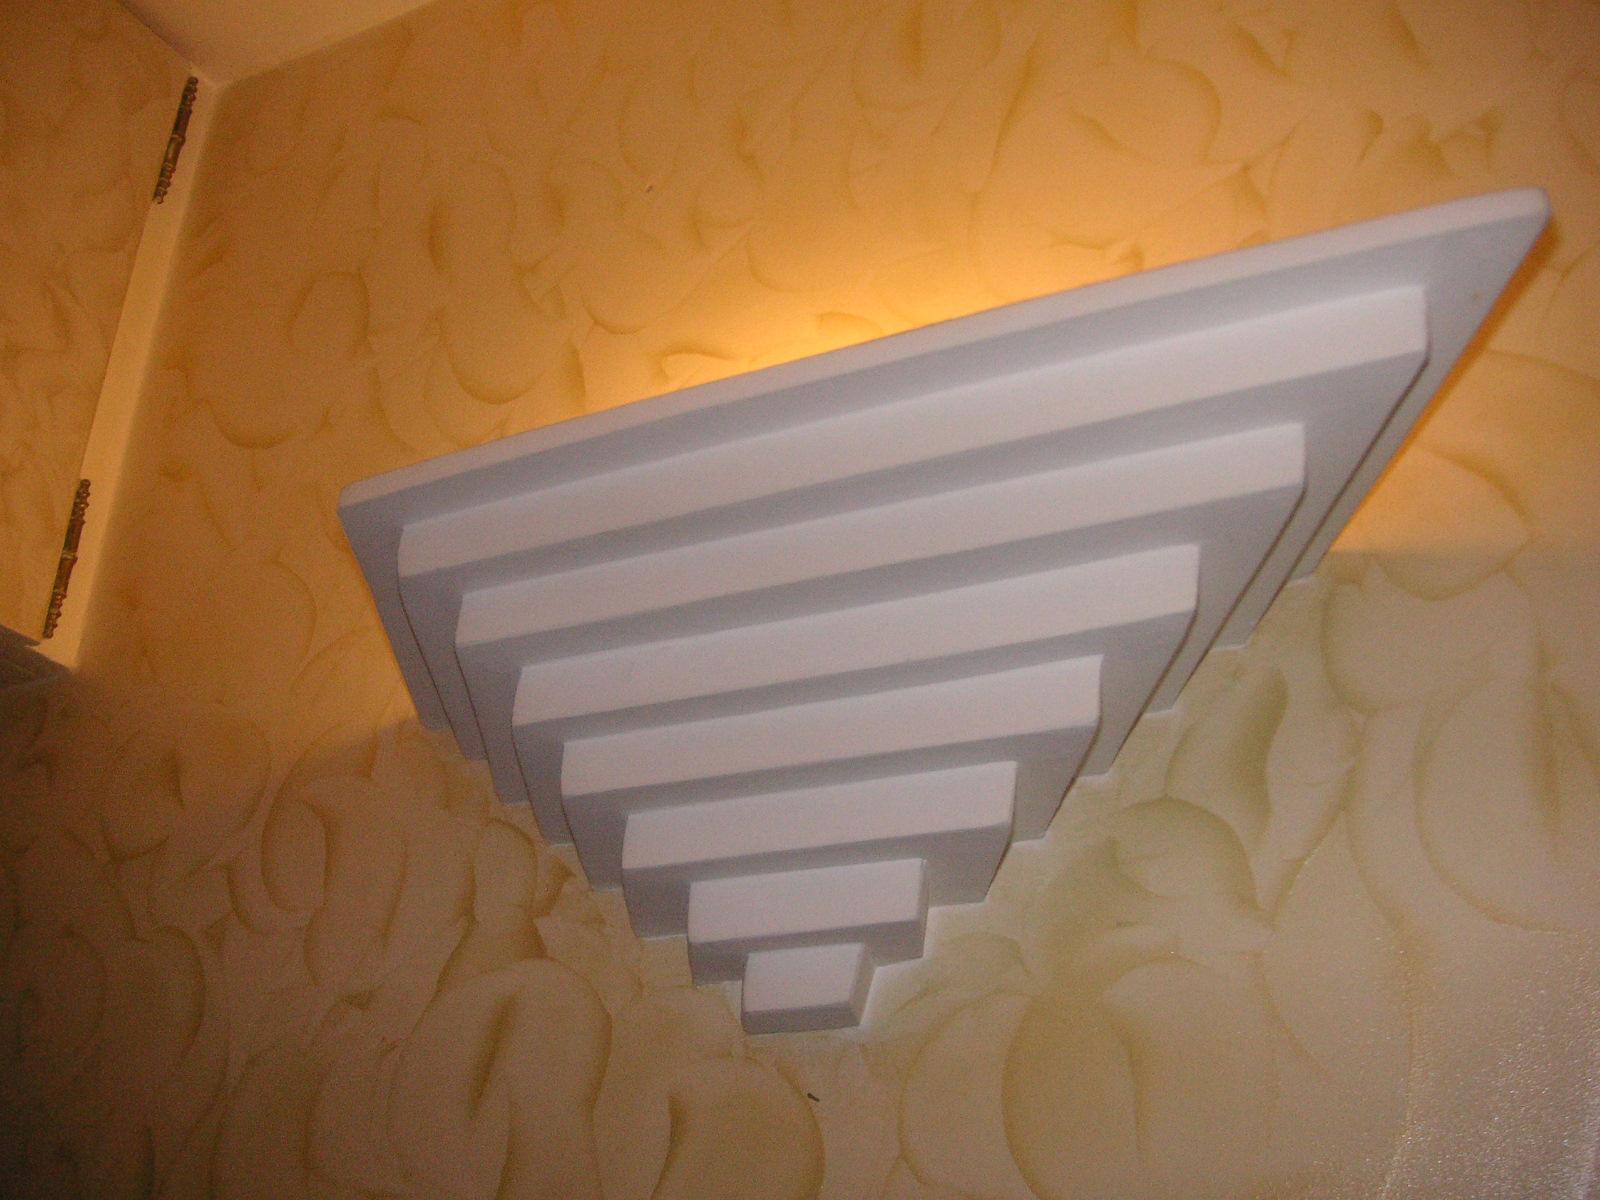 genie bricolage d coration platre decoration plafond maison marocain. Black Bedroom Furniture Sets. Home Design Ideas